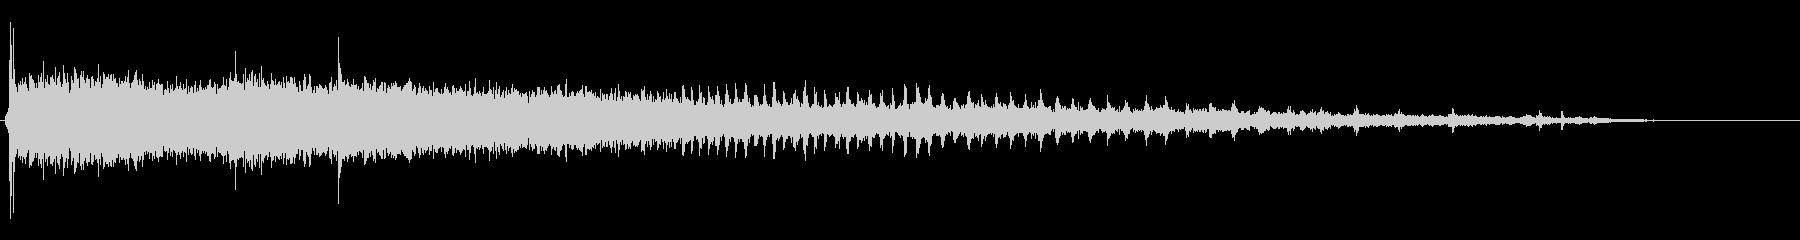 機械稼働音 7の未再生の波形